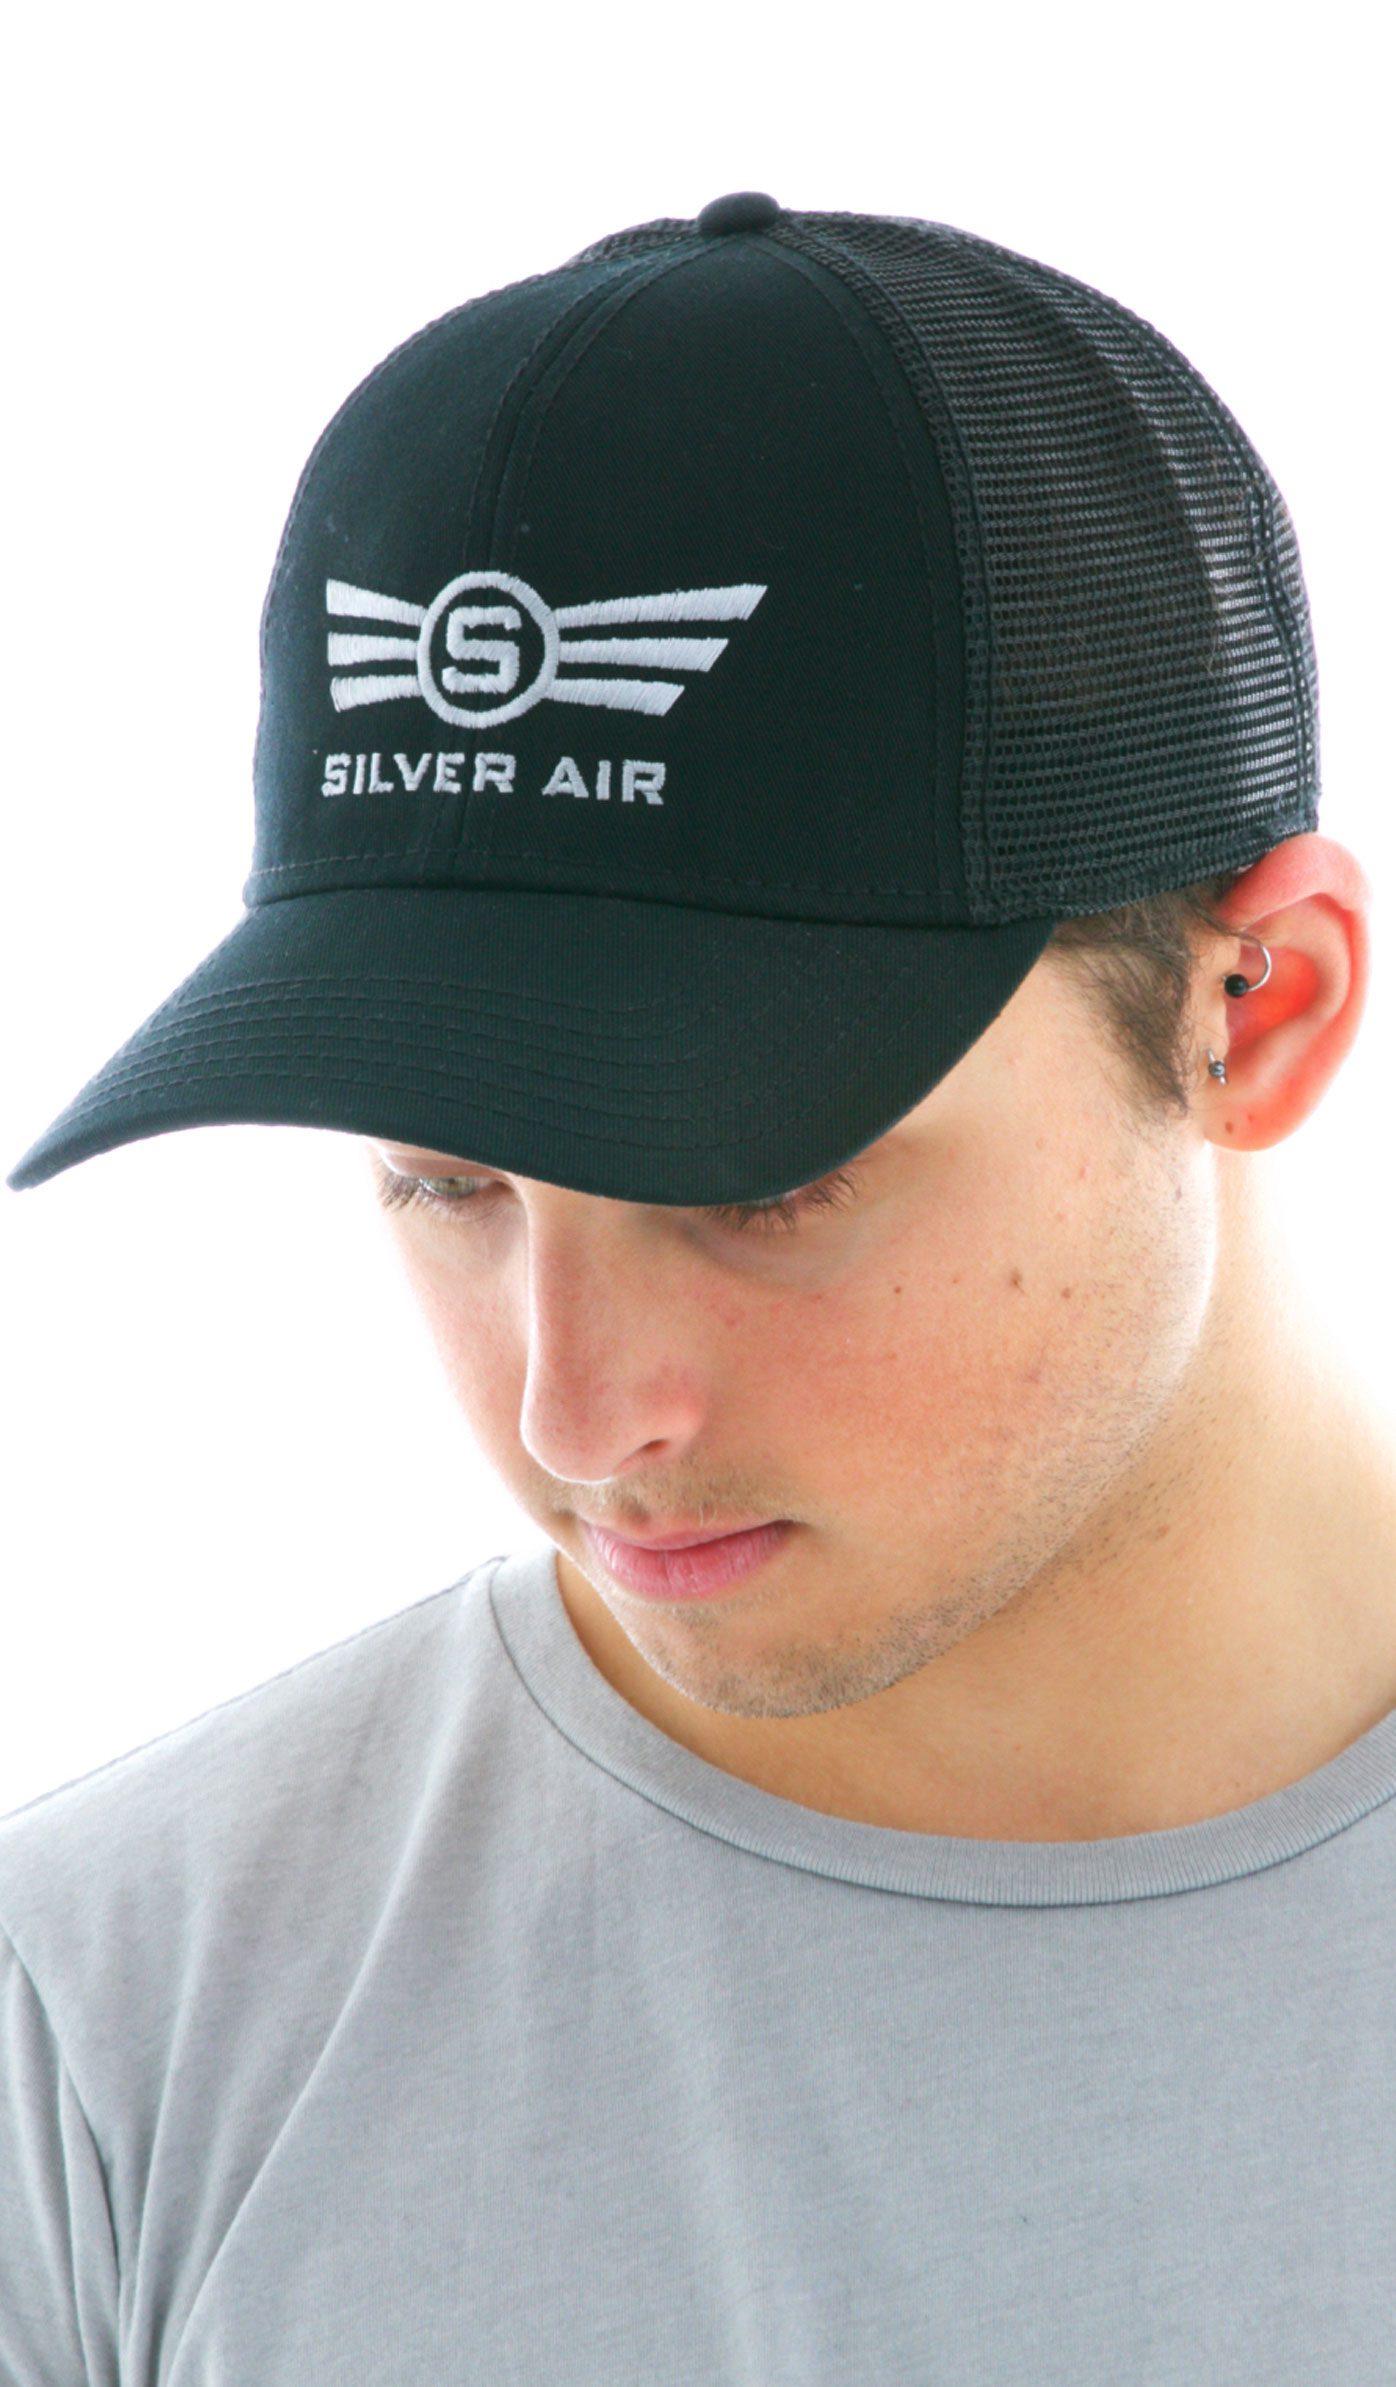 Custom Mesh Trucker Hats for Men and Women